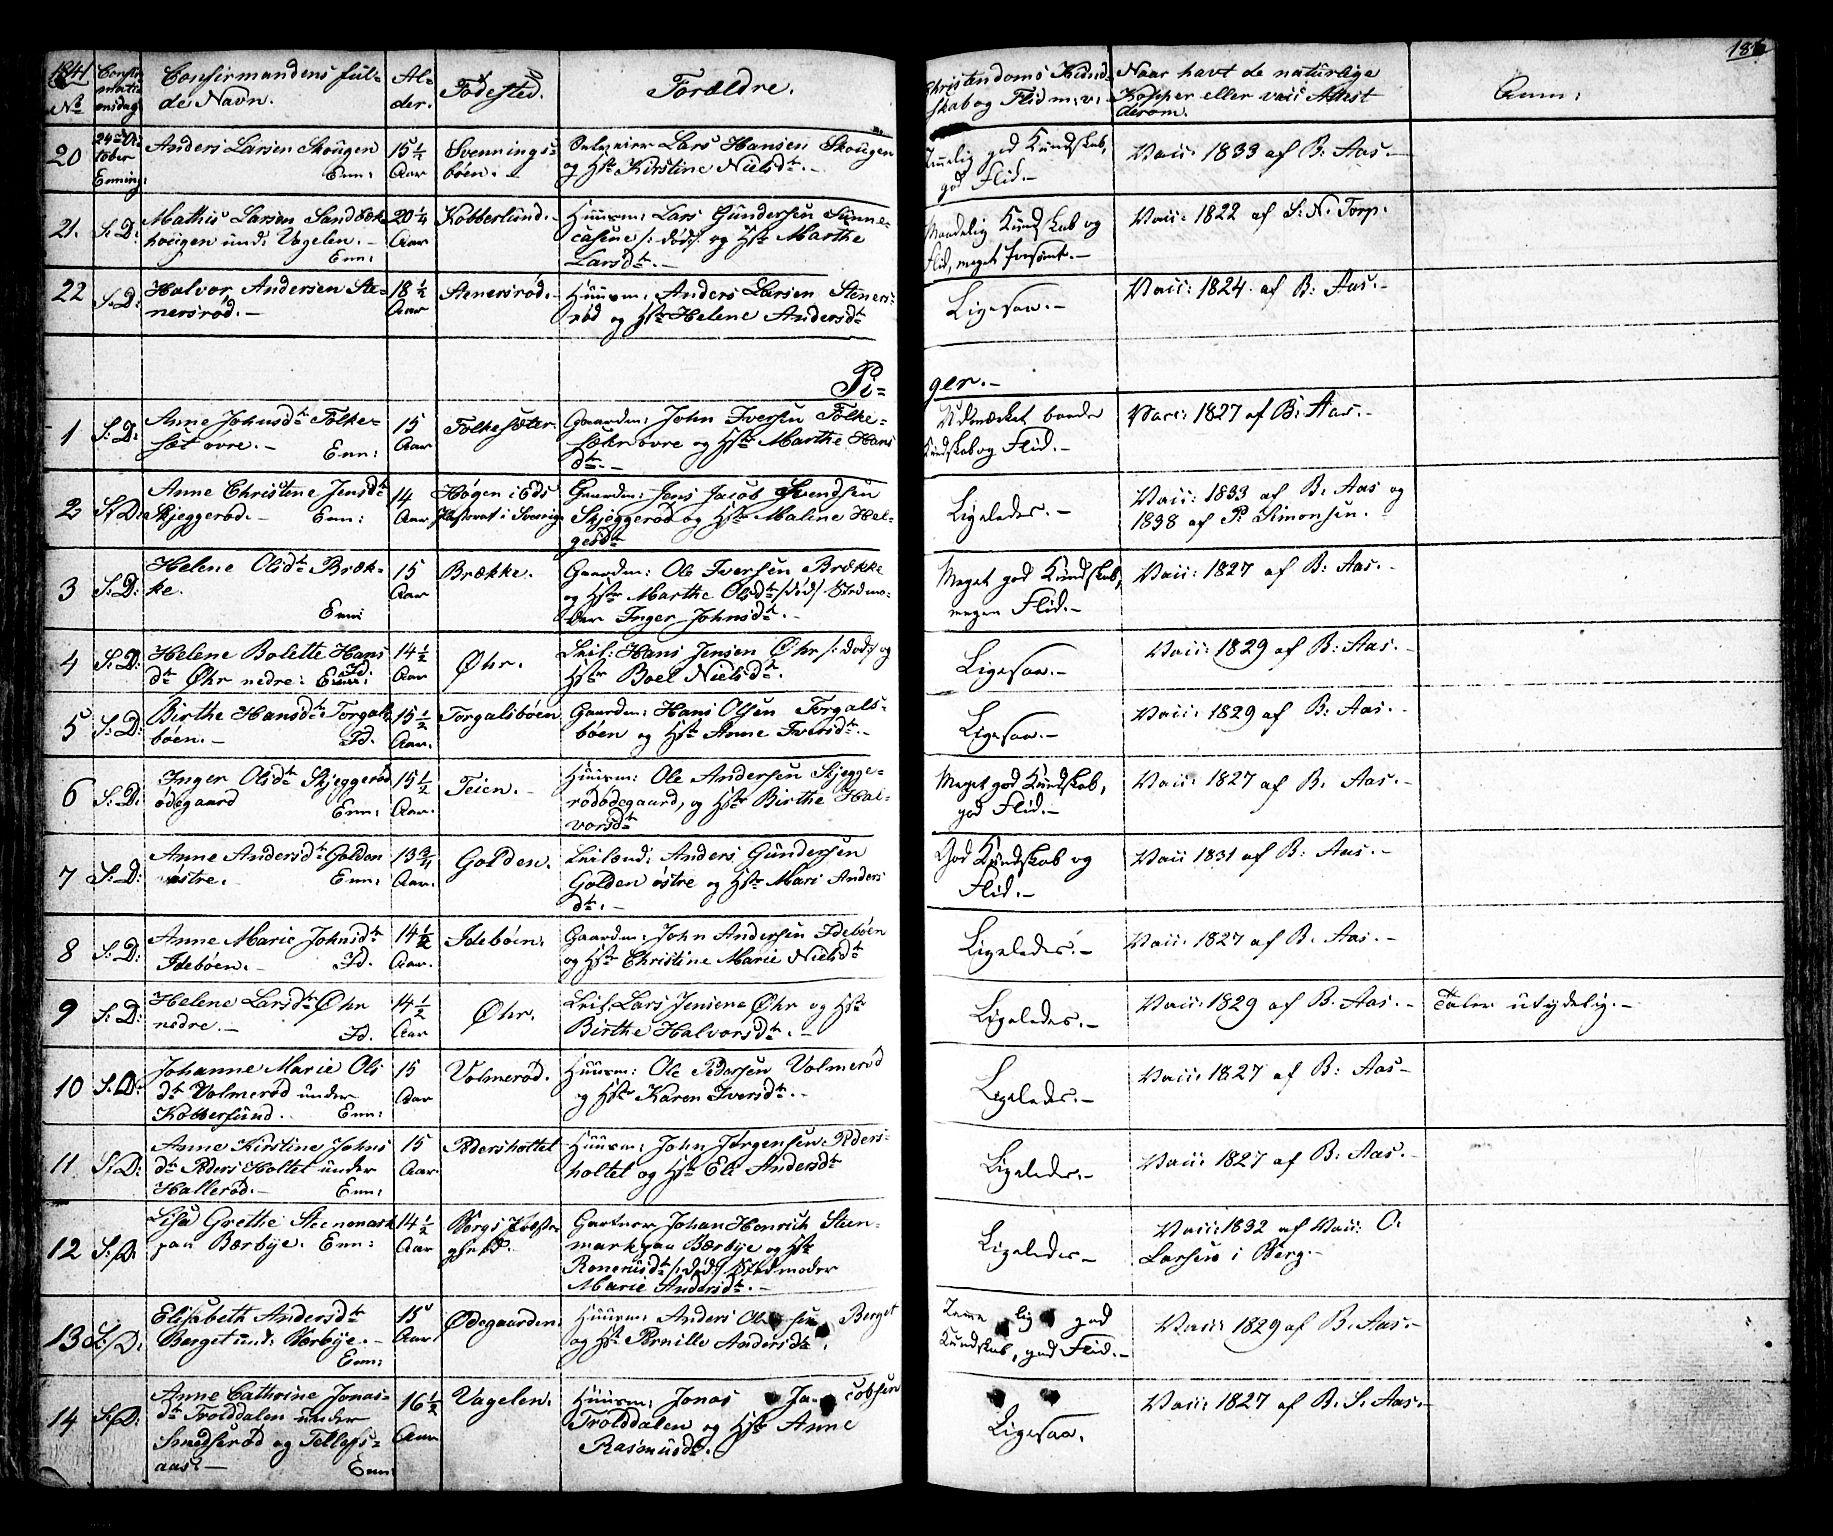 SAO, Idd prestekontor Kirkebøker, F/Fc/L0003: Ministerialbok nr. III 3, 1832-1847, s. 186